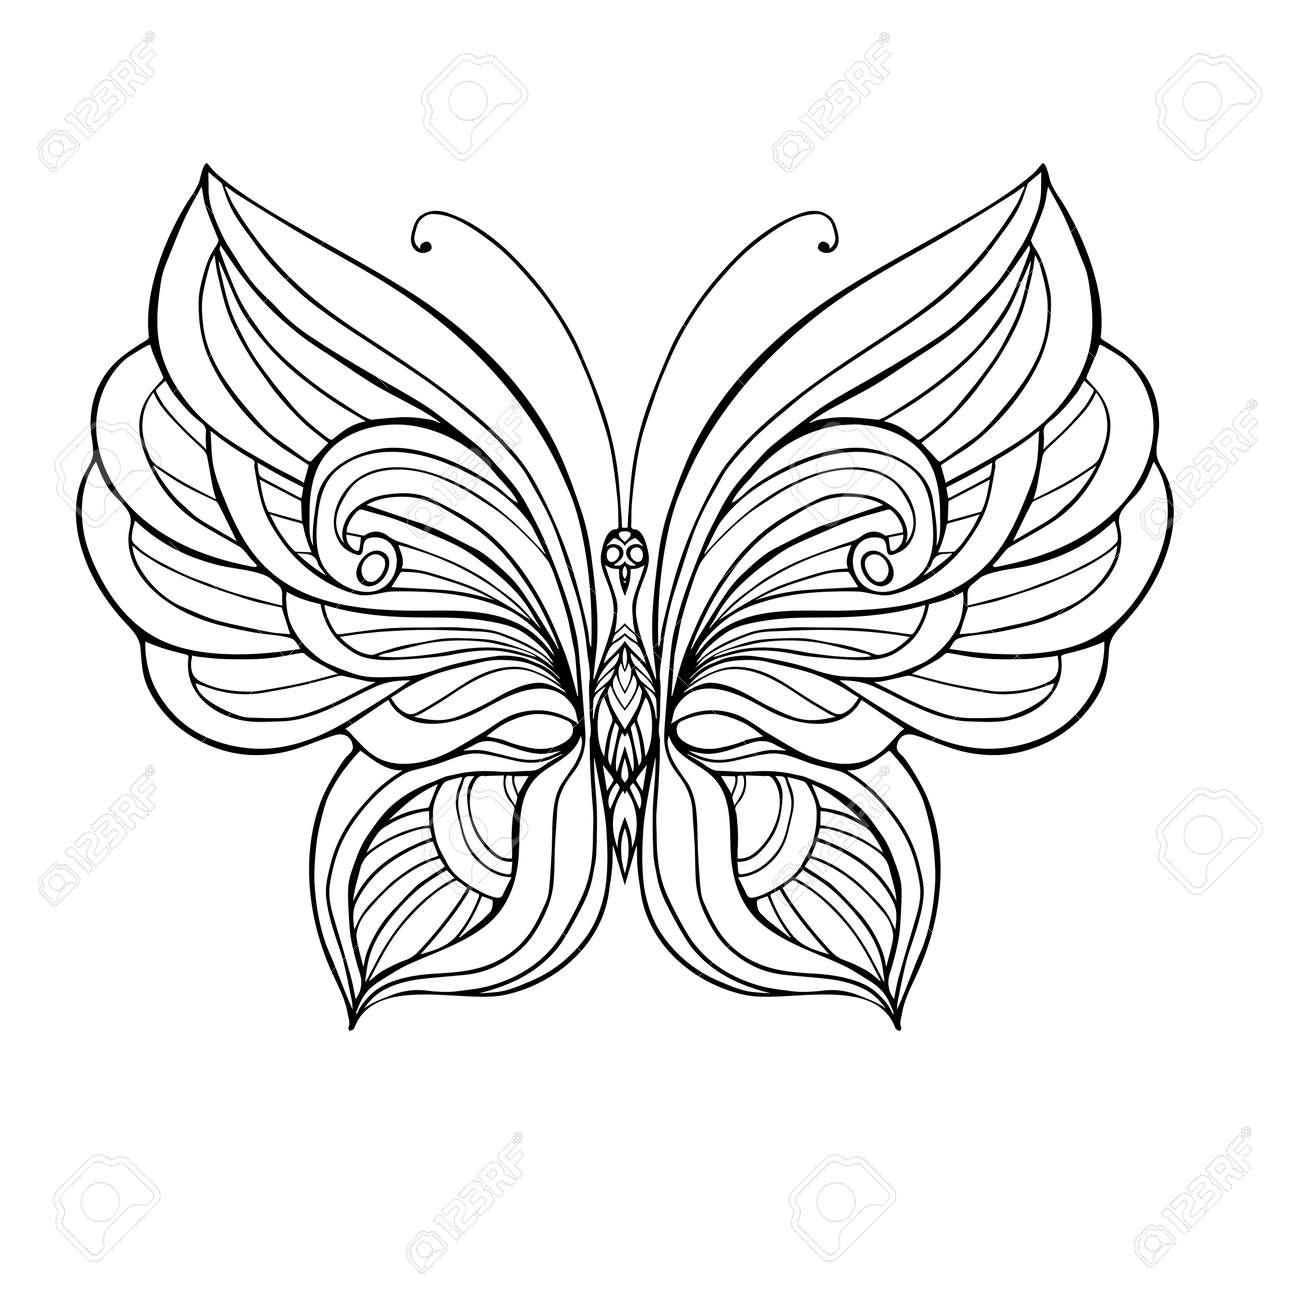 Genoeg Fabulous Kleurplaten Voor Volwassenen Vlinders ZE86 | Belbin.Info QB65